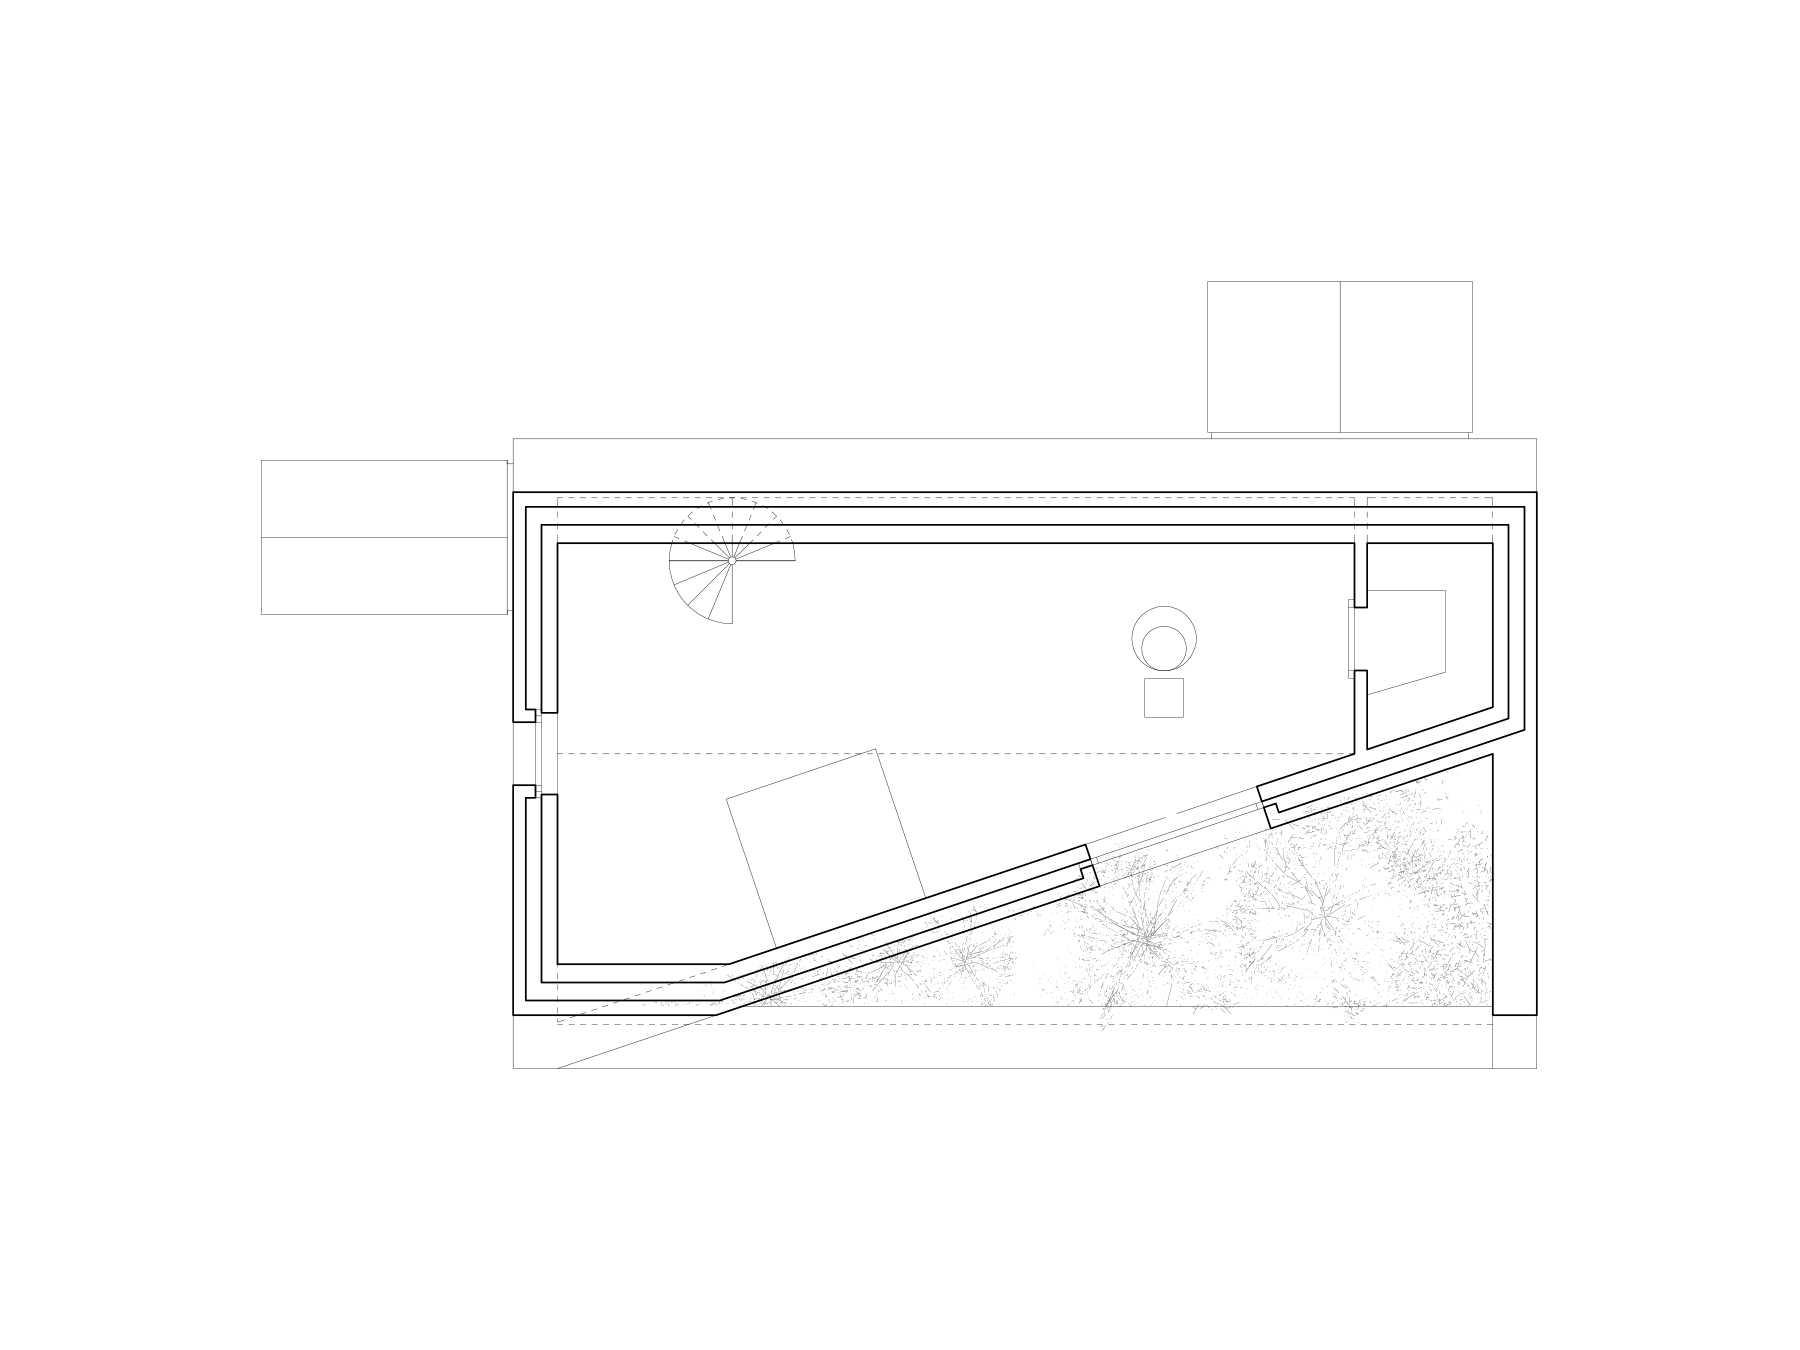 Maison Y Case Study House Fay Architectes